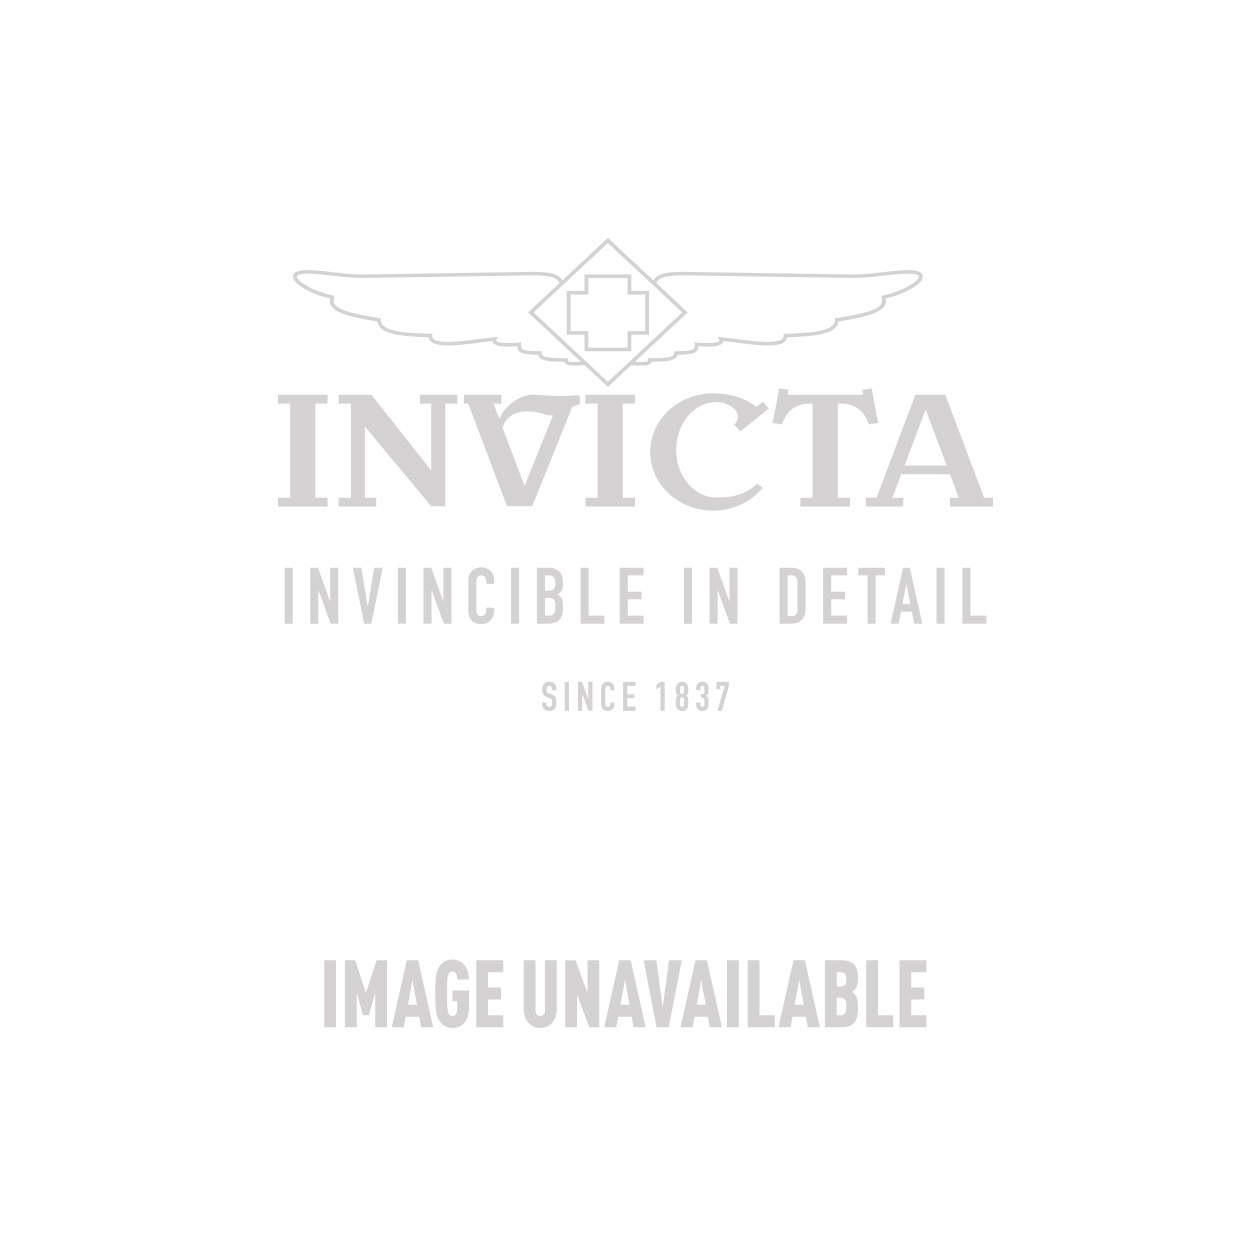 Invicta Model 29404